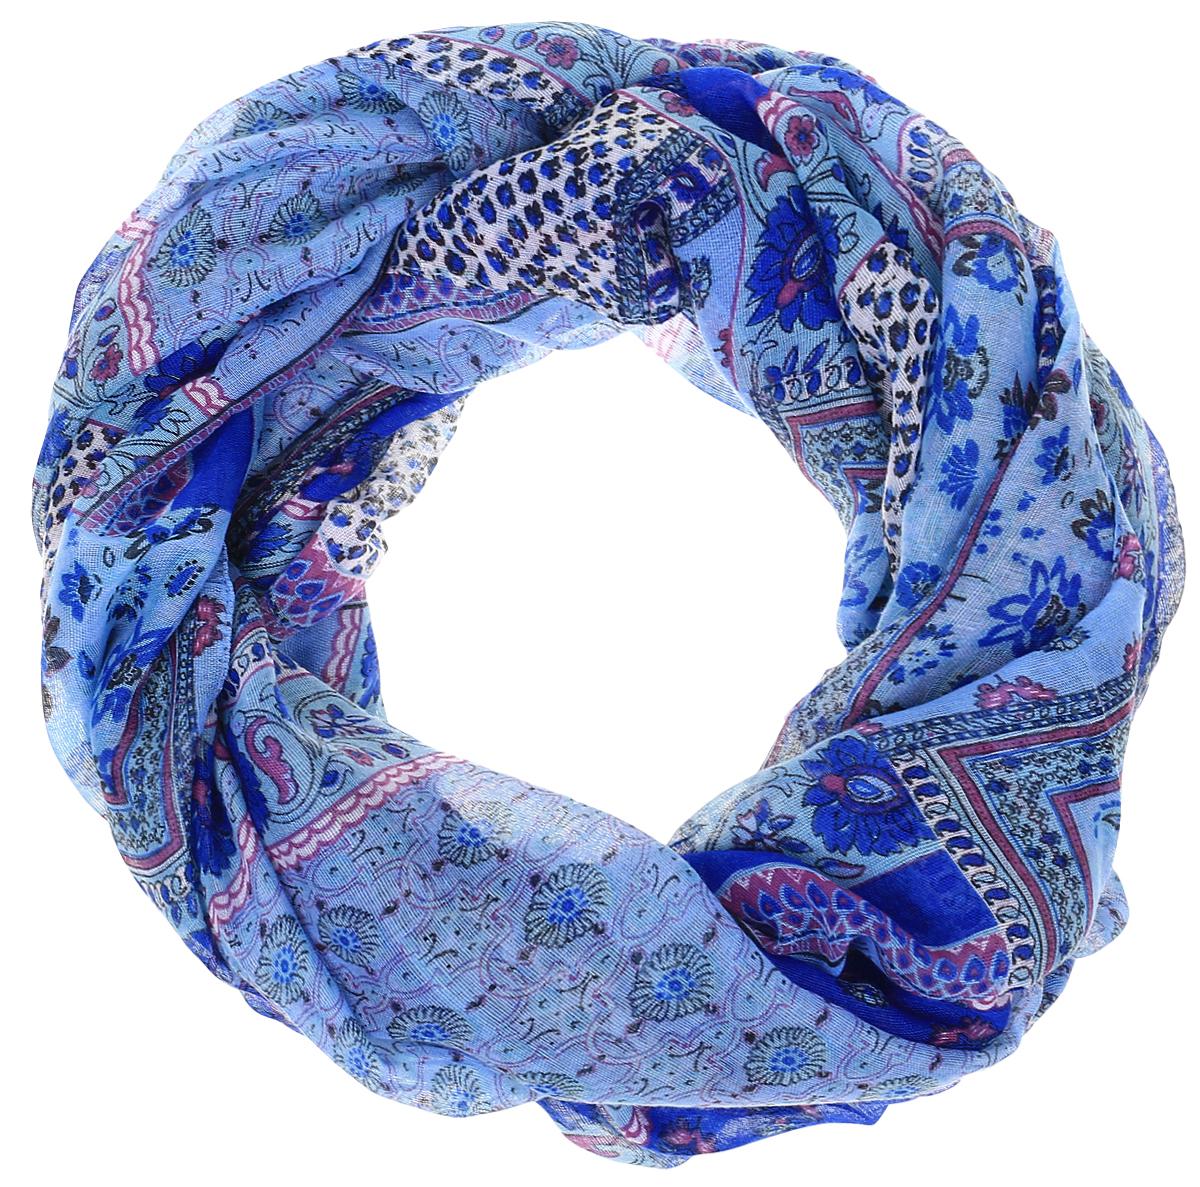 Палантин Sophie Ramage, цвет: голубой, синий. YY-21651-3. Размер 80 см х 180 смYY-21651-3Элегантный палантин Sophie Ramage станет достойным завершением вашего образа. Палантин изготовлен из модала с добавлением шерсти. Оформлена модель ярким цветочным принтом и дополнена различными орнаментами. Палантин красиво драпируется, он превосходно дополнит любой наряд и подчеркнет ваш изысканный вкус. Легкий и изящный палантин привнесет в ваш образ утонченность и шарм.